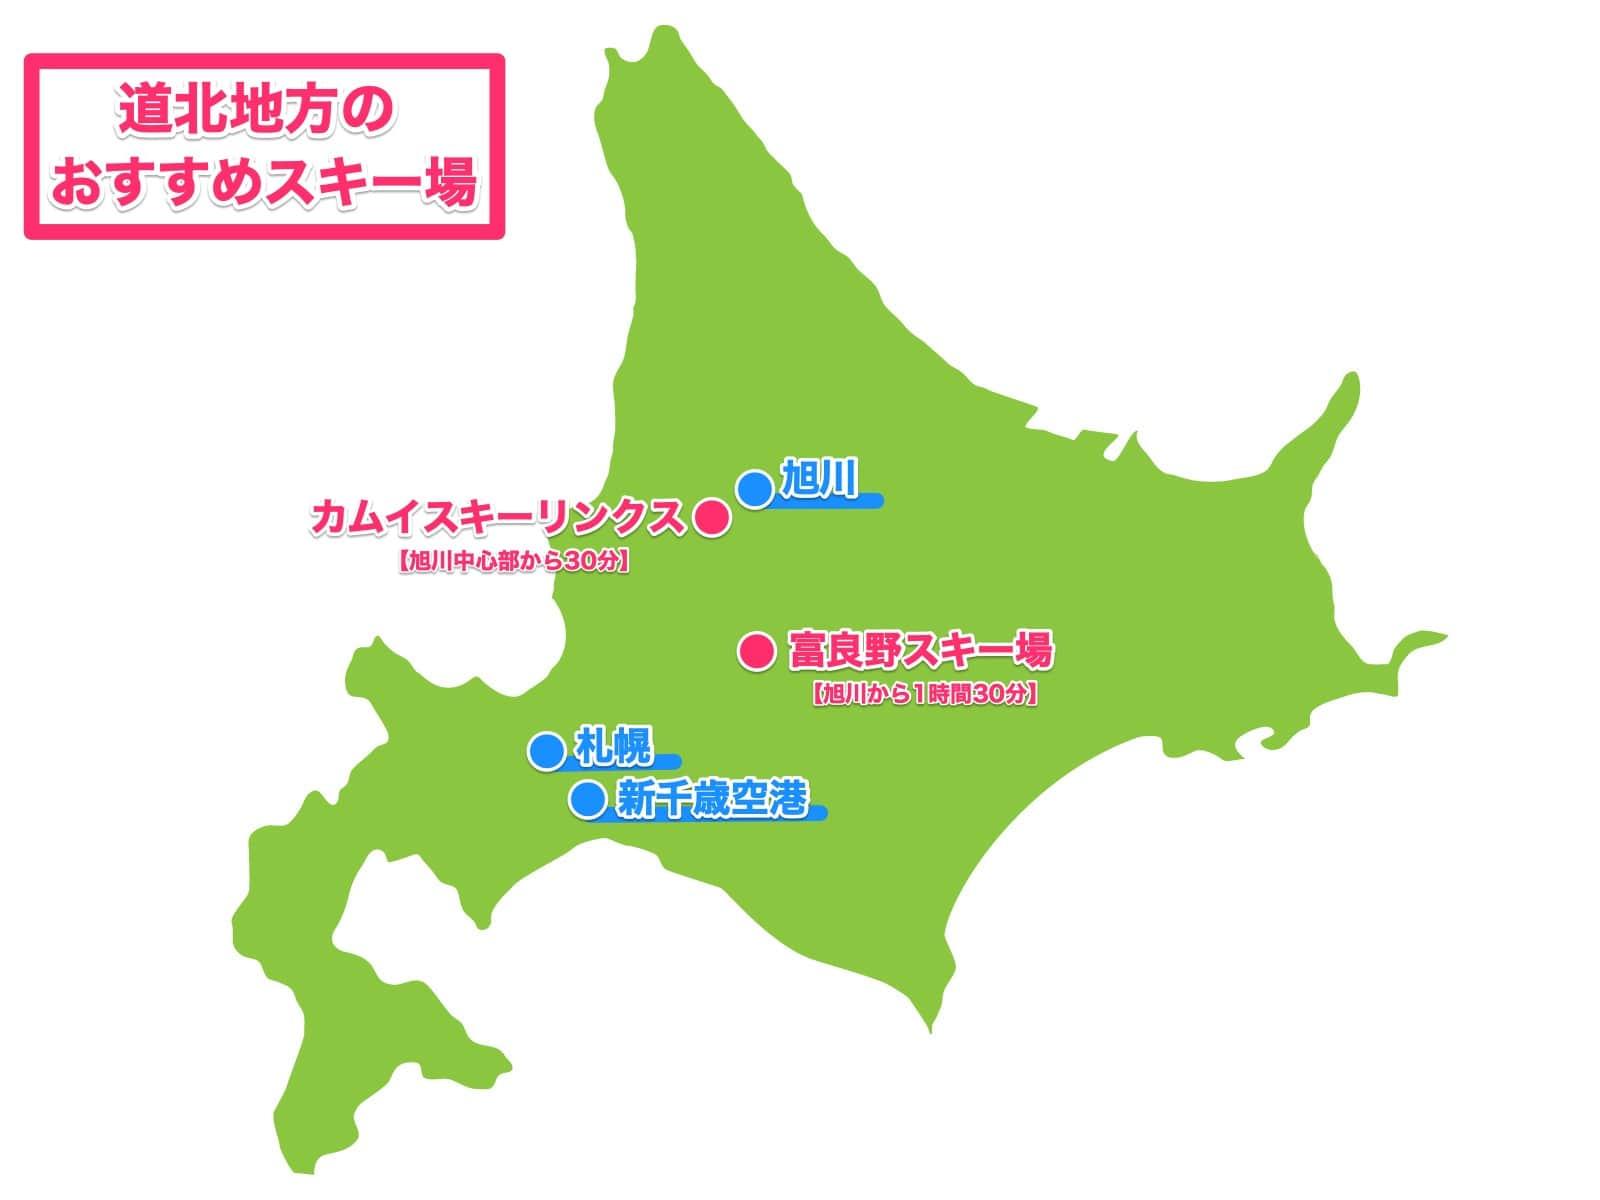 北海道道北地方おすすめスキー場マップ